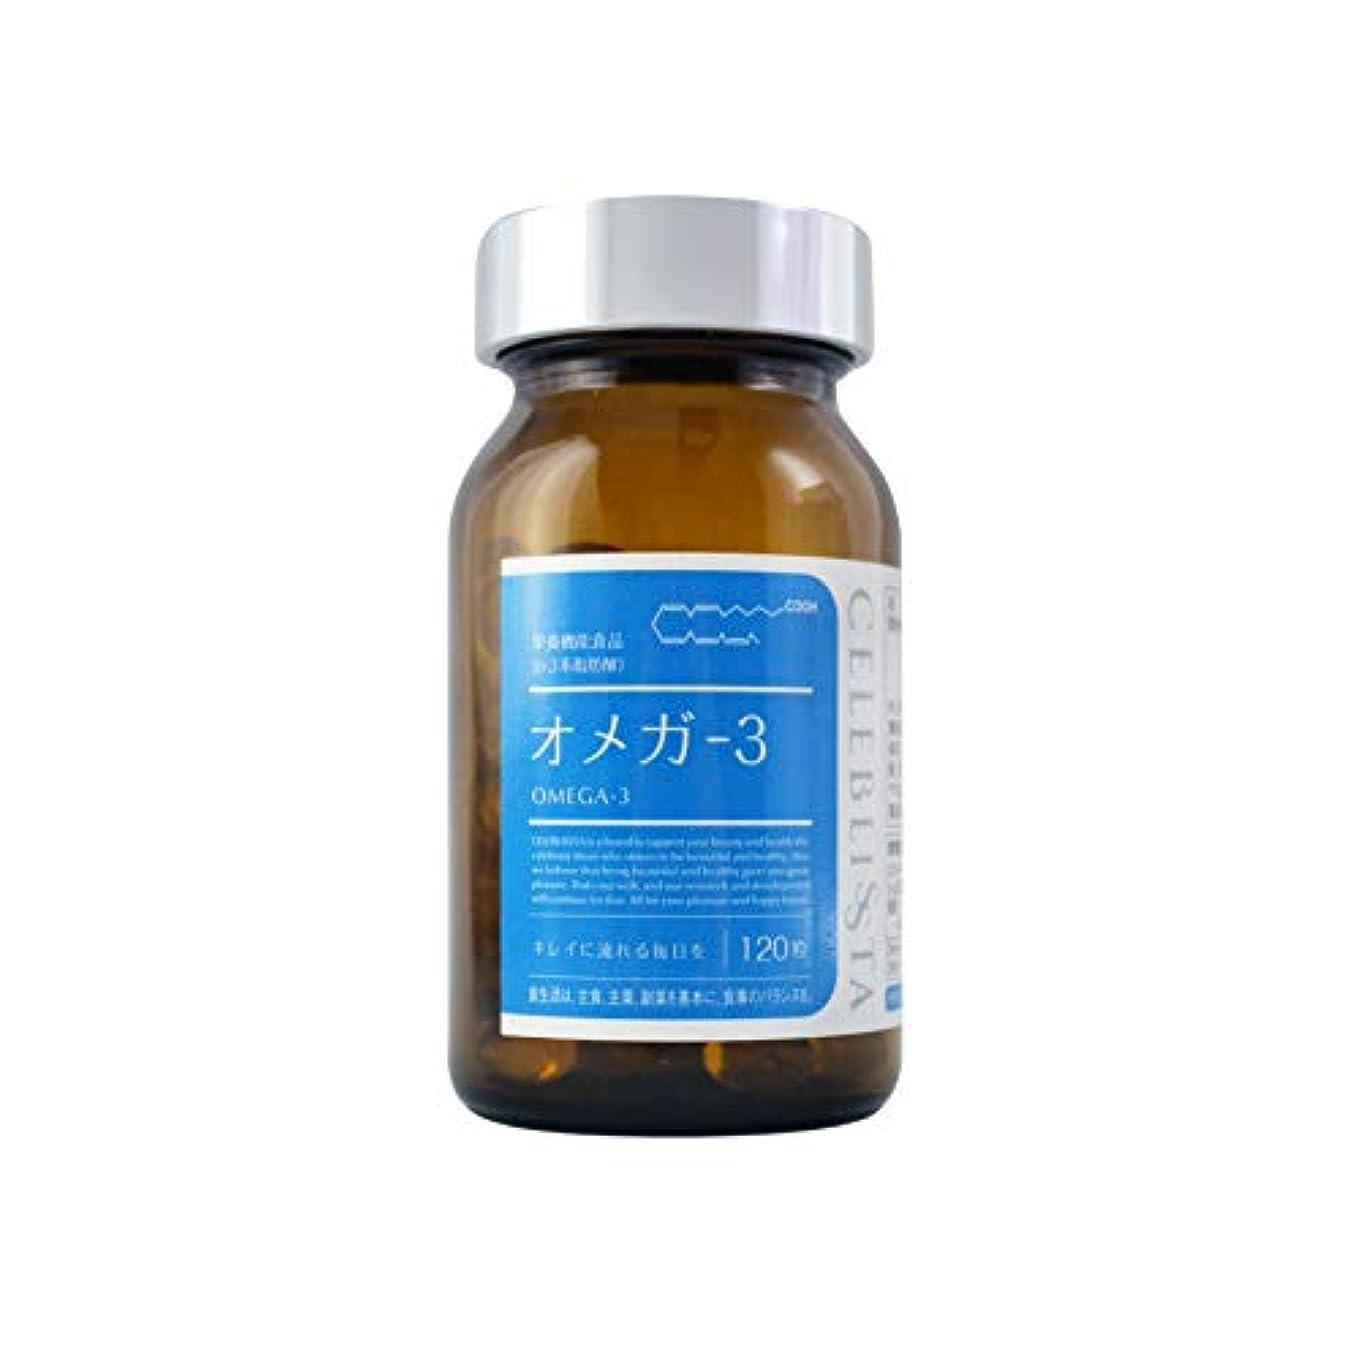 ハイランドみがきます作成するCELEBLISSTA ( セレブリスタ ) サプリメント オメガ-3 [ 基礎サプリ フィッシュオイル / 30日分 120粒 ] DPA DHA EPA ( 日本製 )